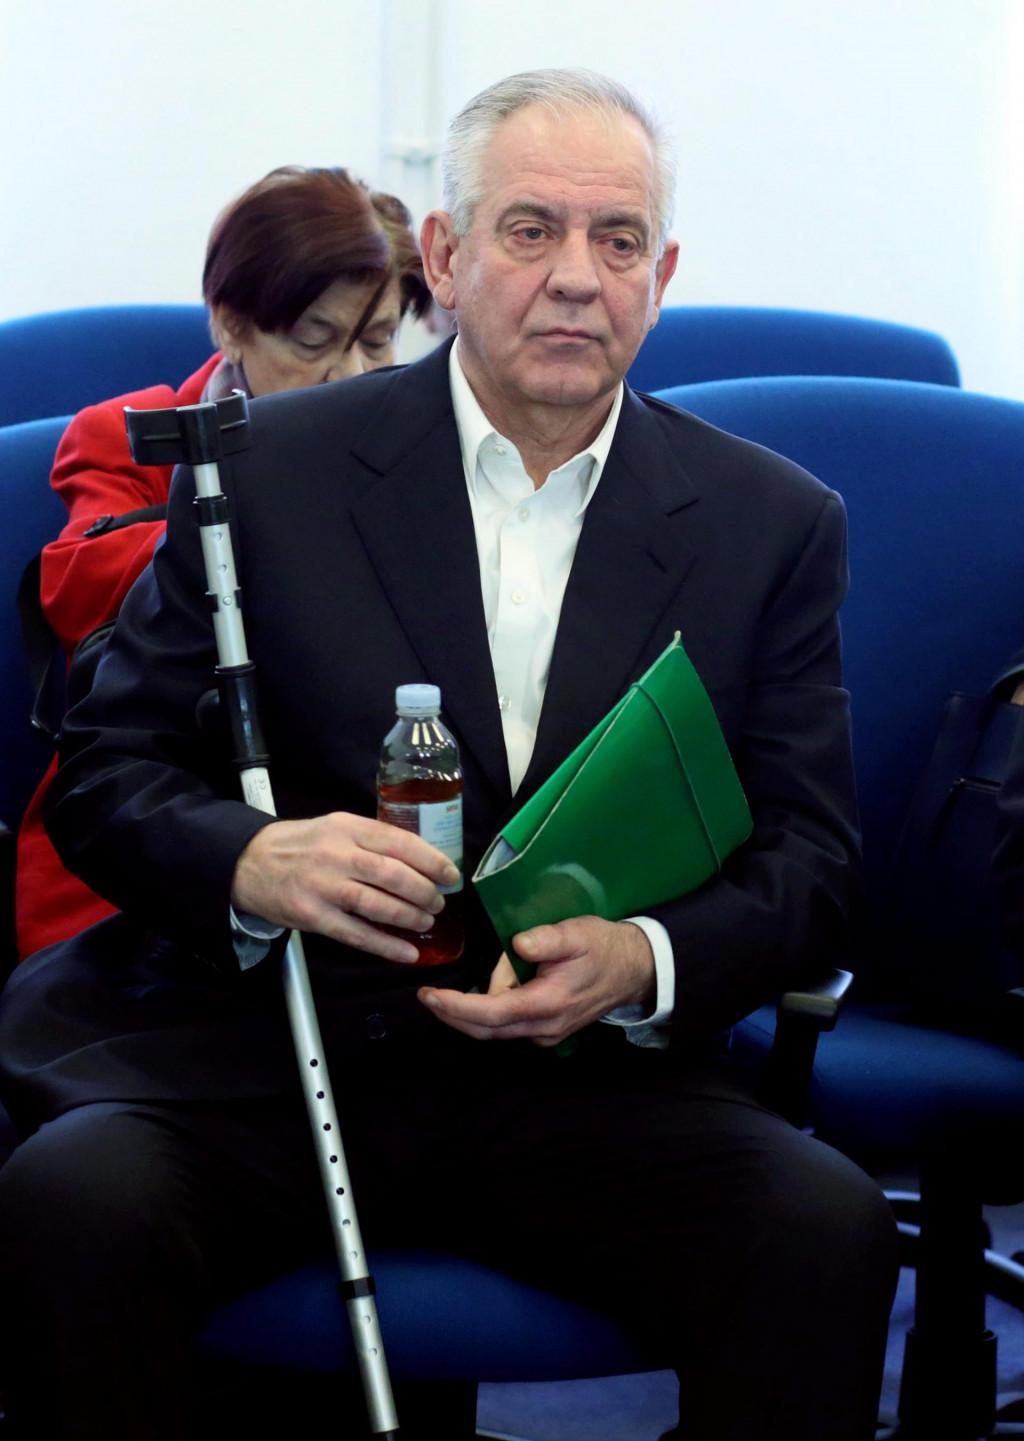 Danas, deset godina poslije, prilično je razvidno da korupcija nije bila Sanaderov glavni krimen niti razlog zbog kojeg je sustavno (z)gažen kao niti jedan političar u novijoj hrvatskoj povijesti<br />